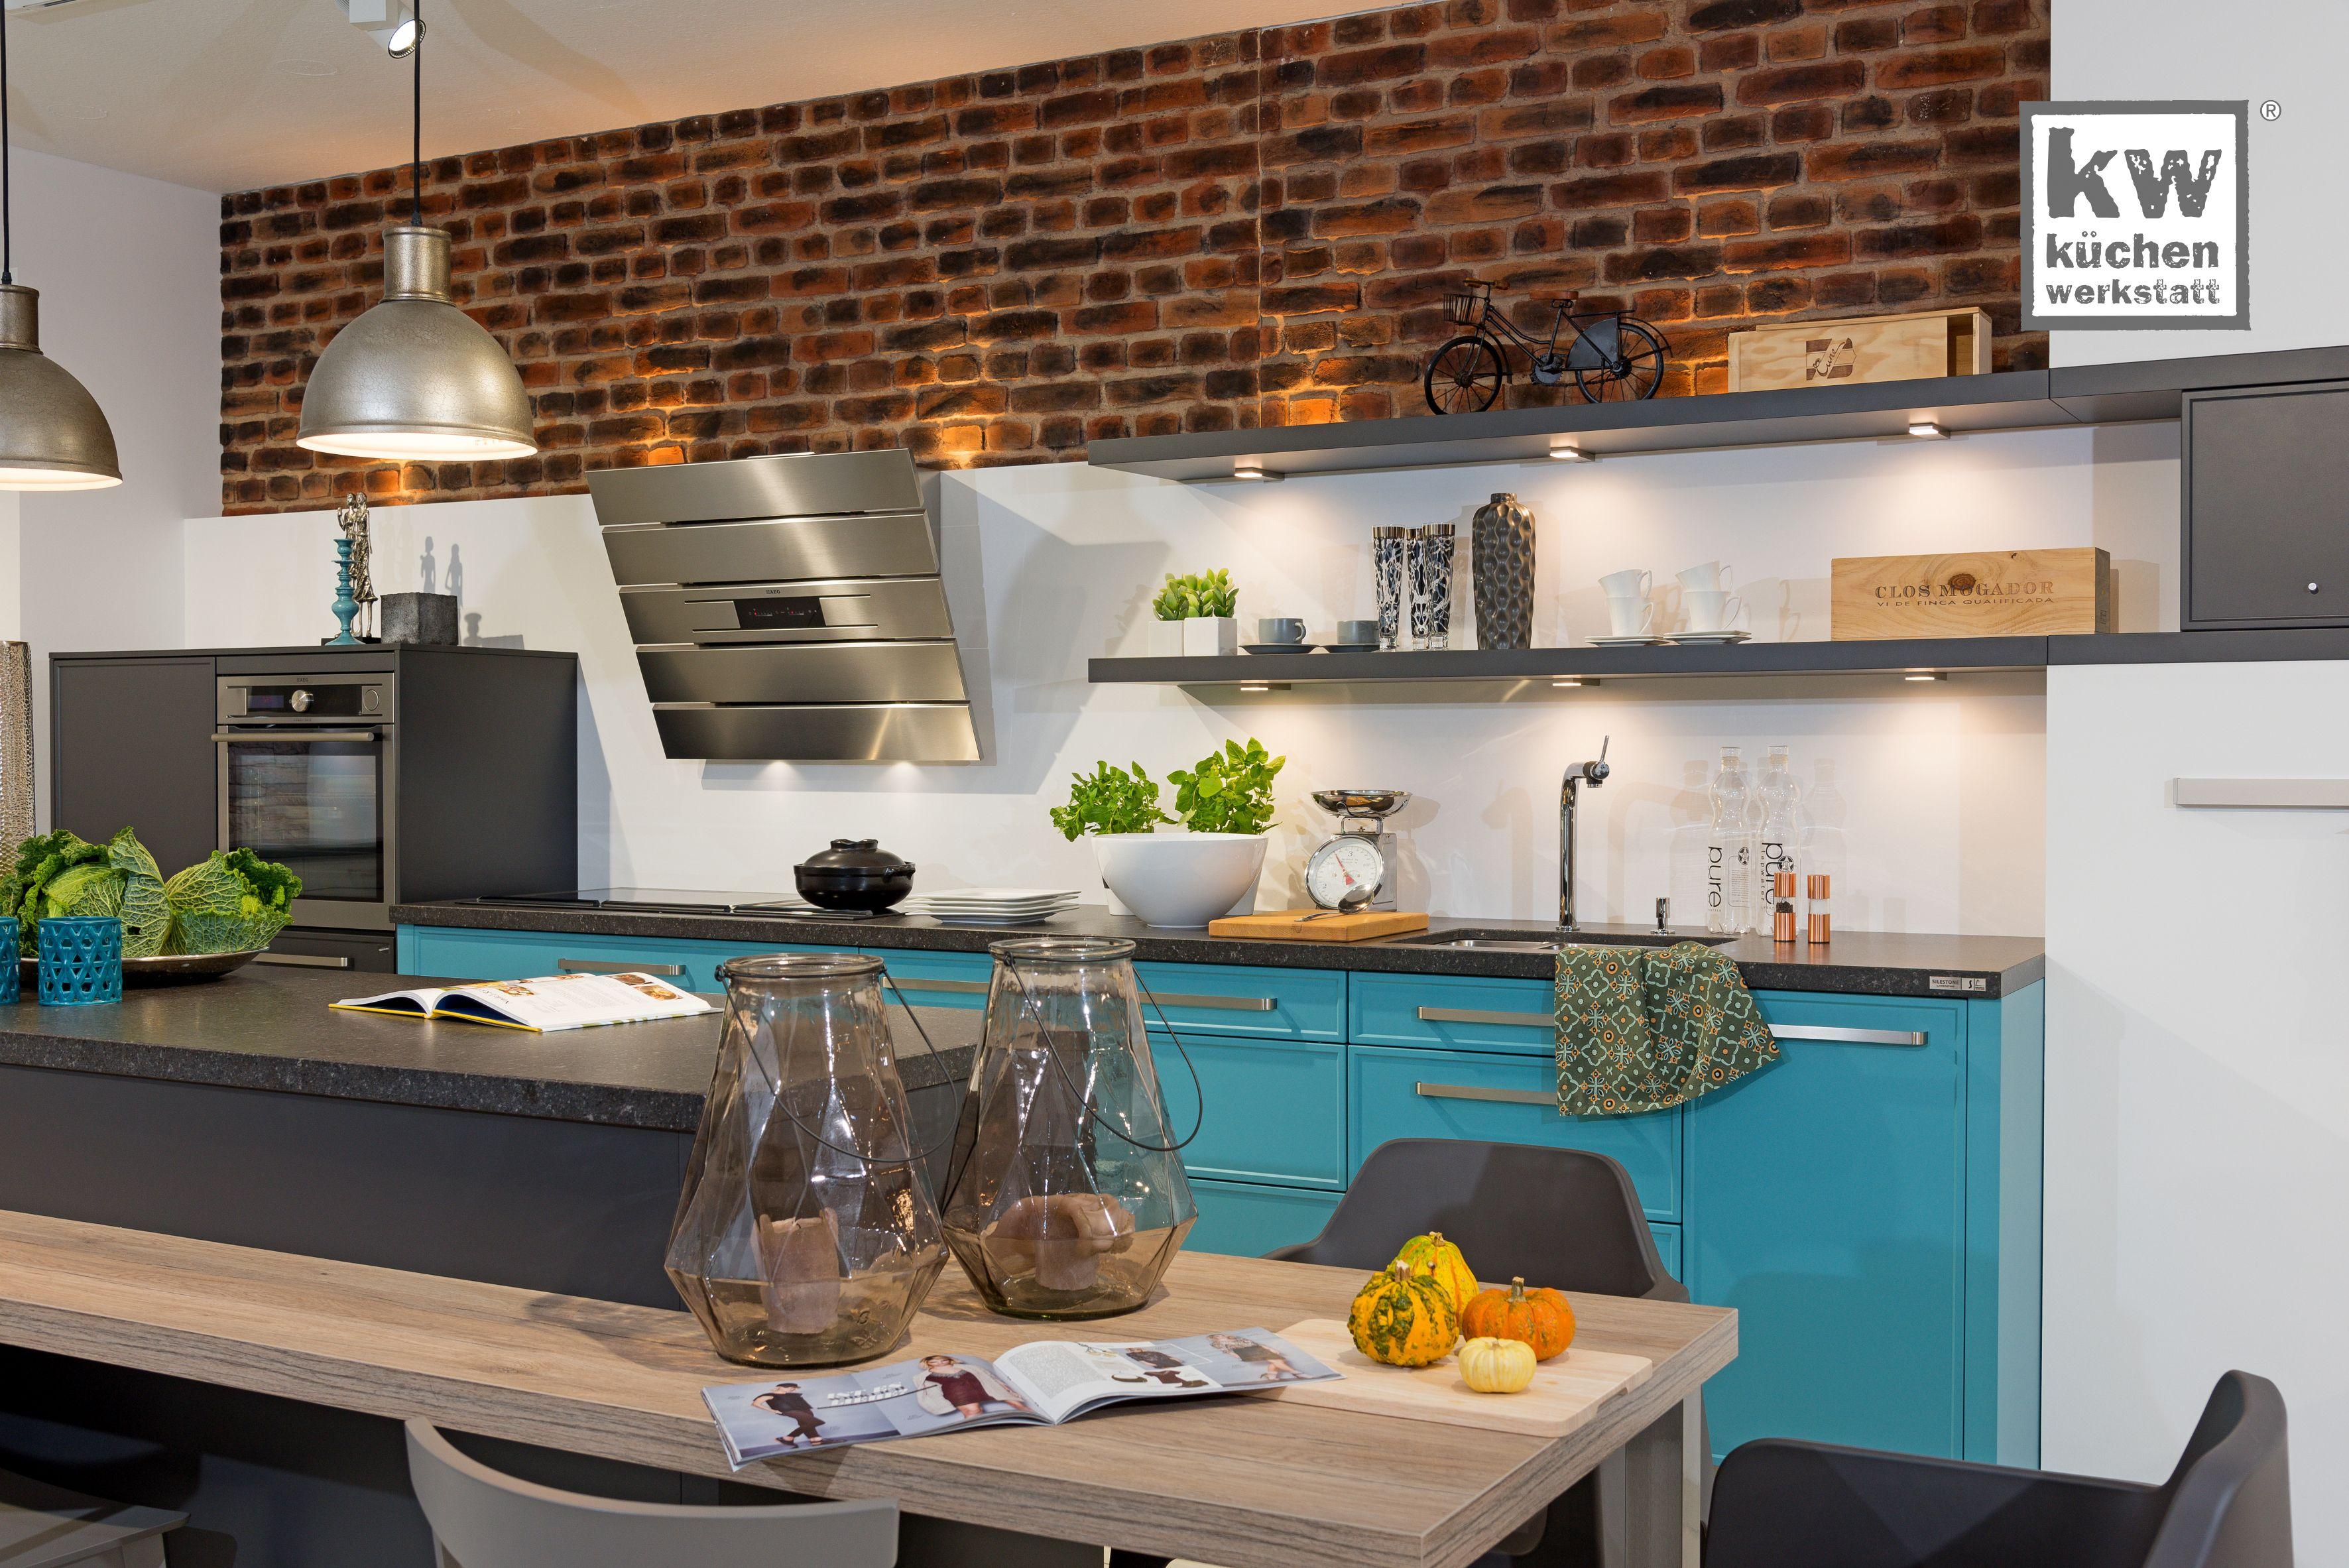 Wohnideen Kuche Modern Holz Mobel Naturstein Fliesenspiegel Kuchendesign Innenarchitektur Kuche Und Schone Kuchen